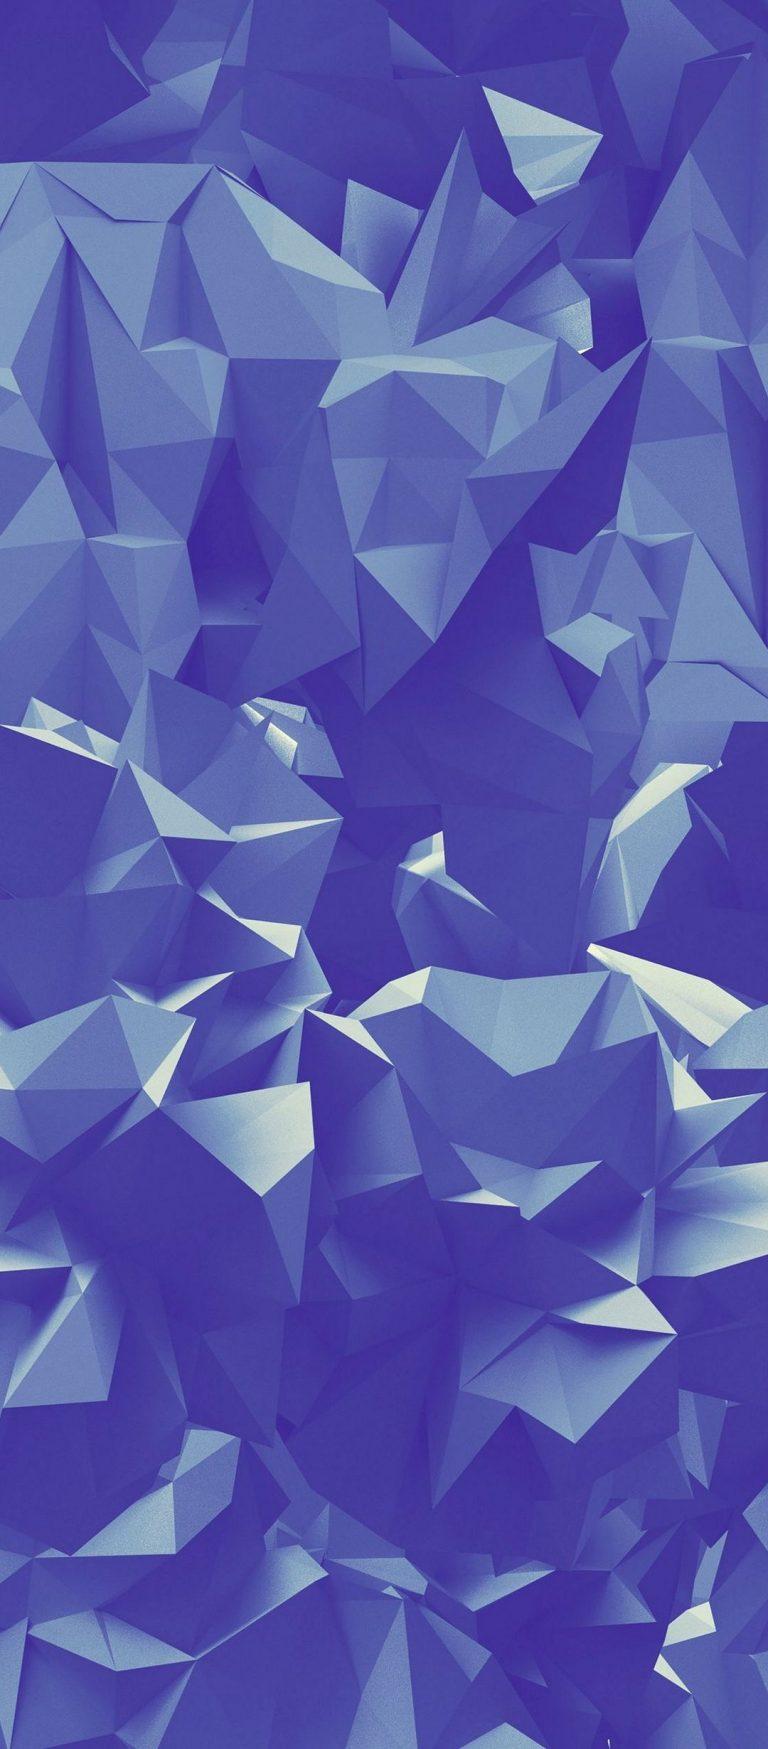 Paper Folds Triangles Geometric 1080x2460 768x1749